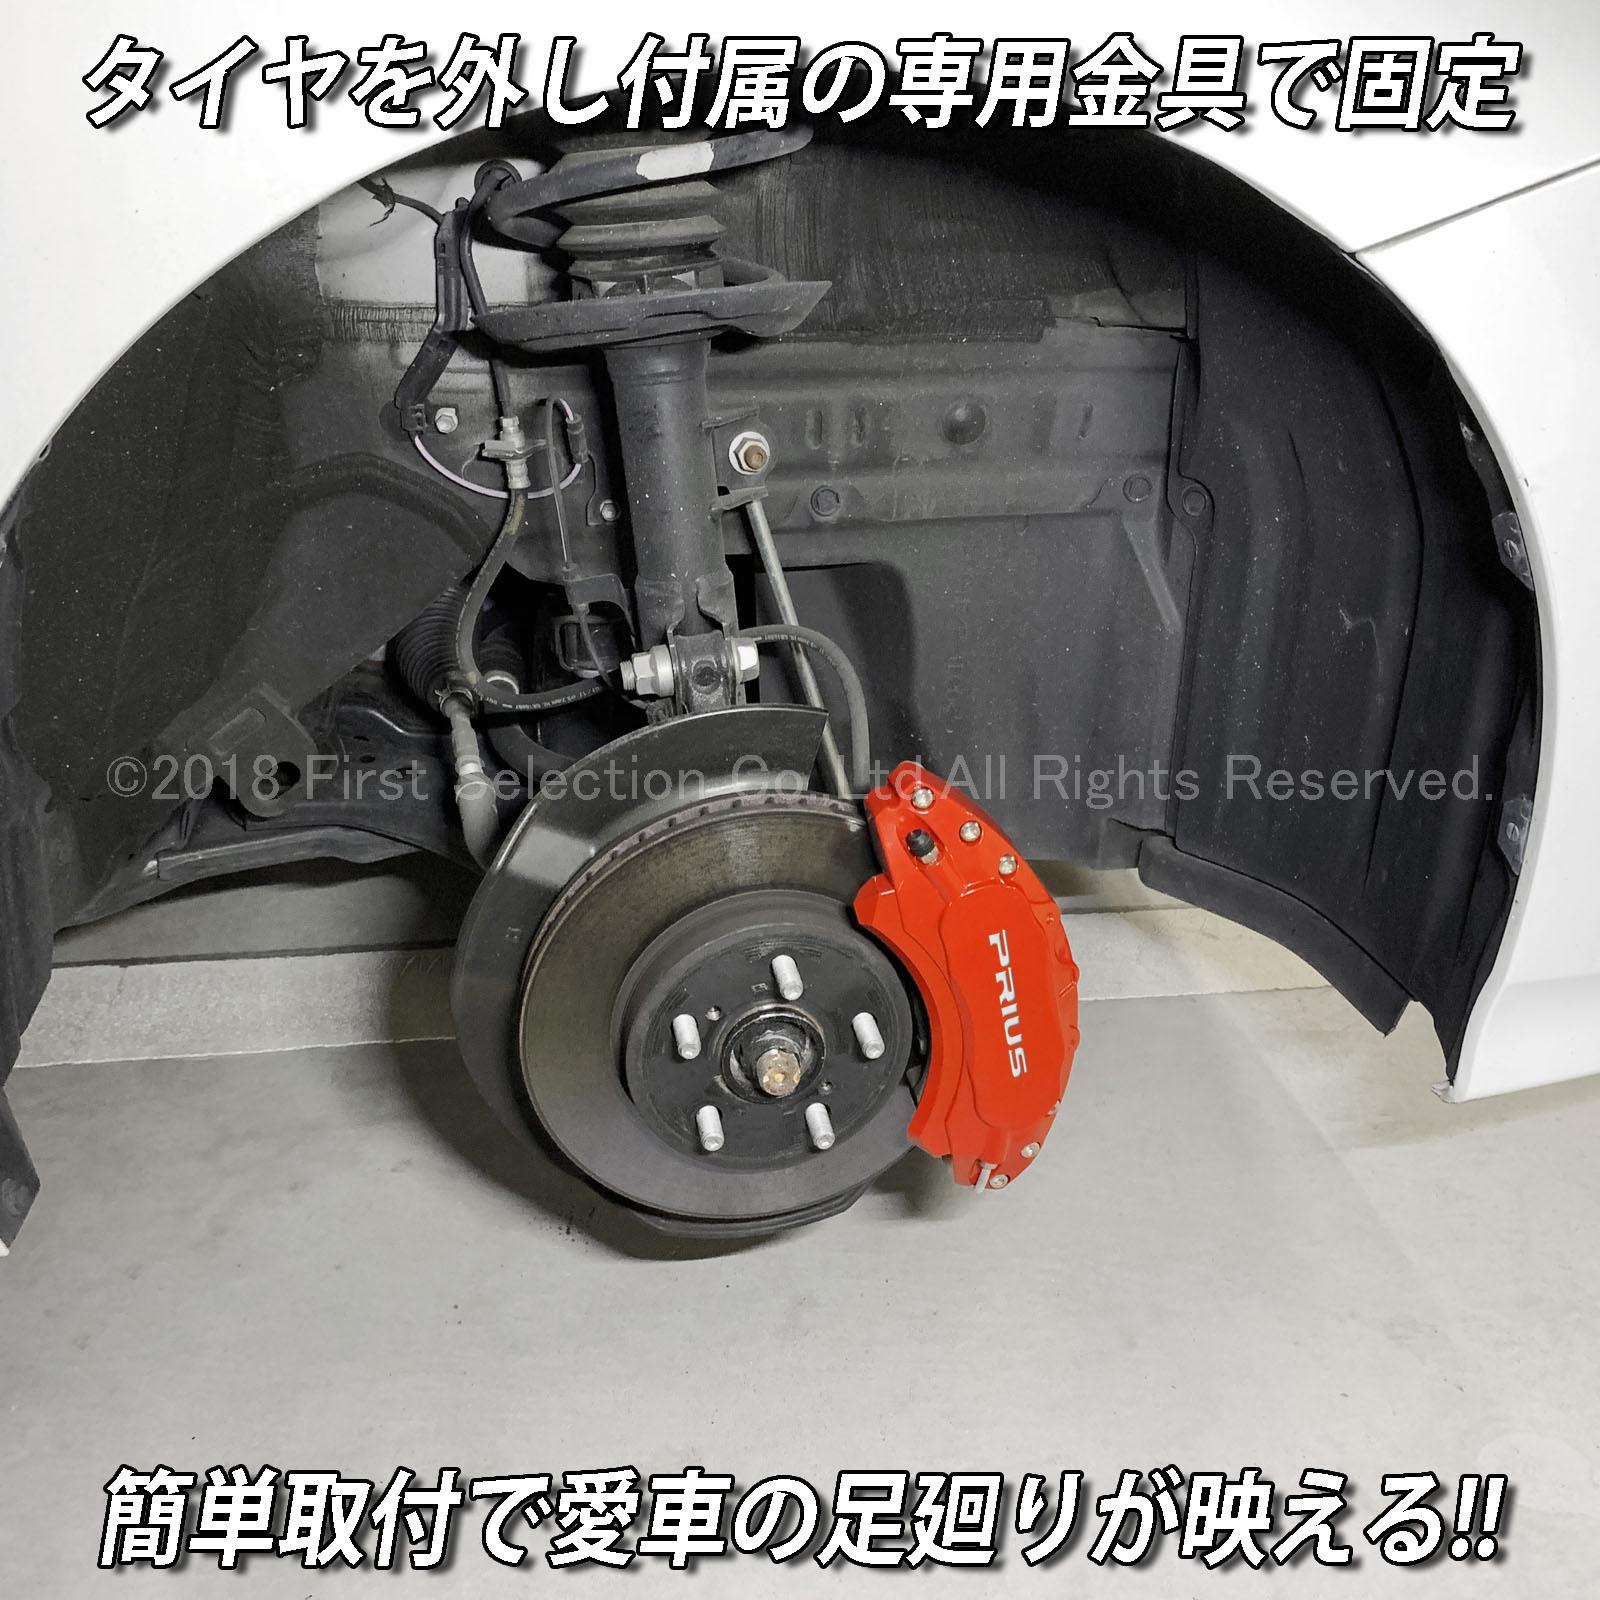 トヨタ車 PRIUSロゴ銀文字 プリウス50系用 高耐久金属製キャリパーカバーセット赤 50プリウス ZVW50 ZVW51 ZVW55